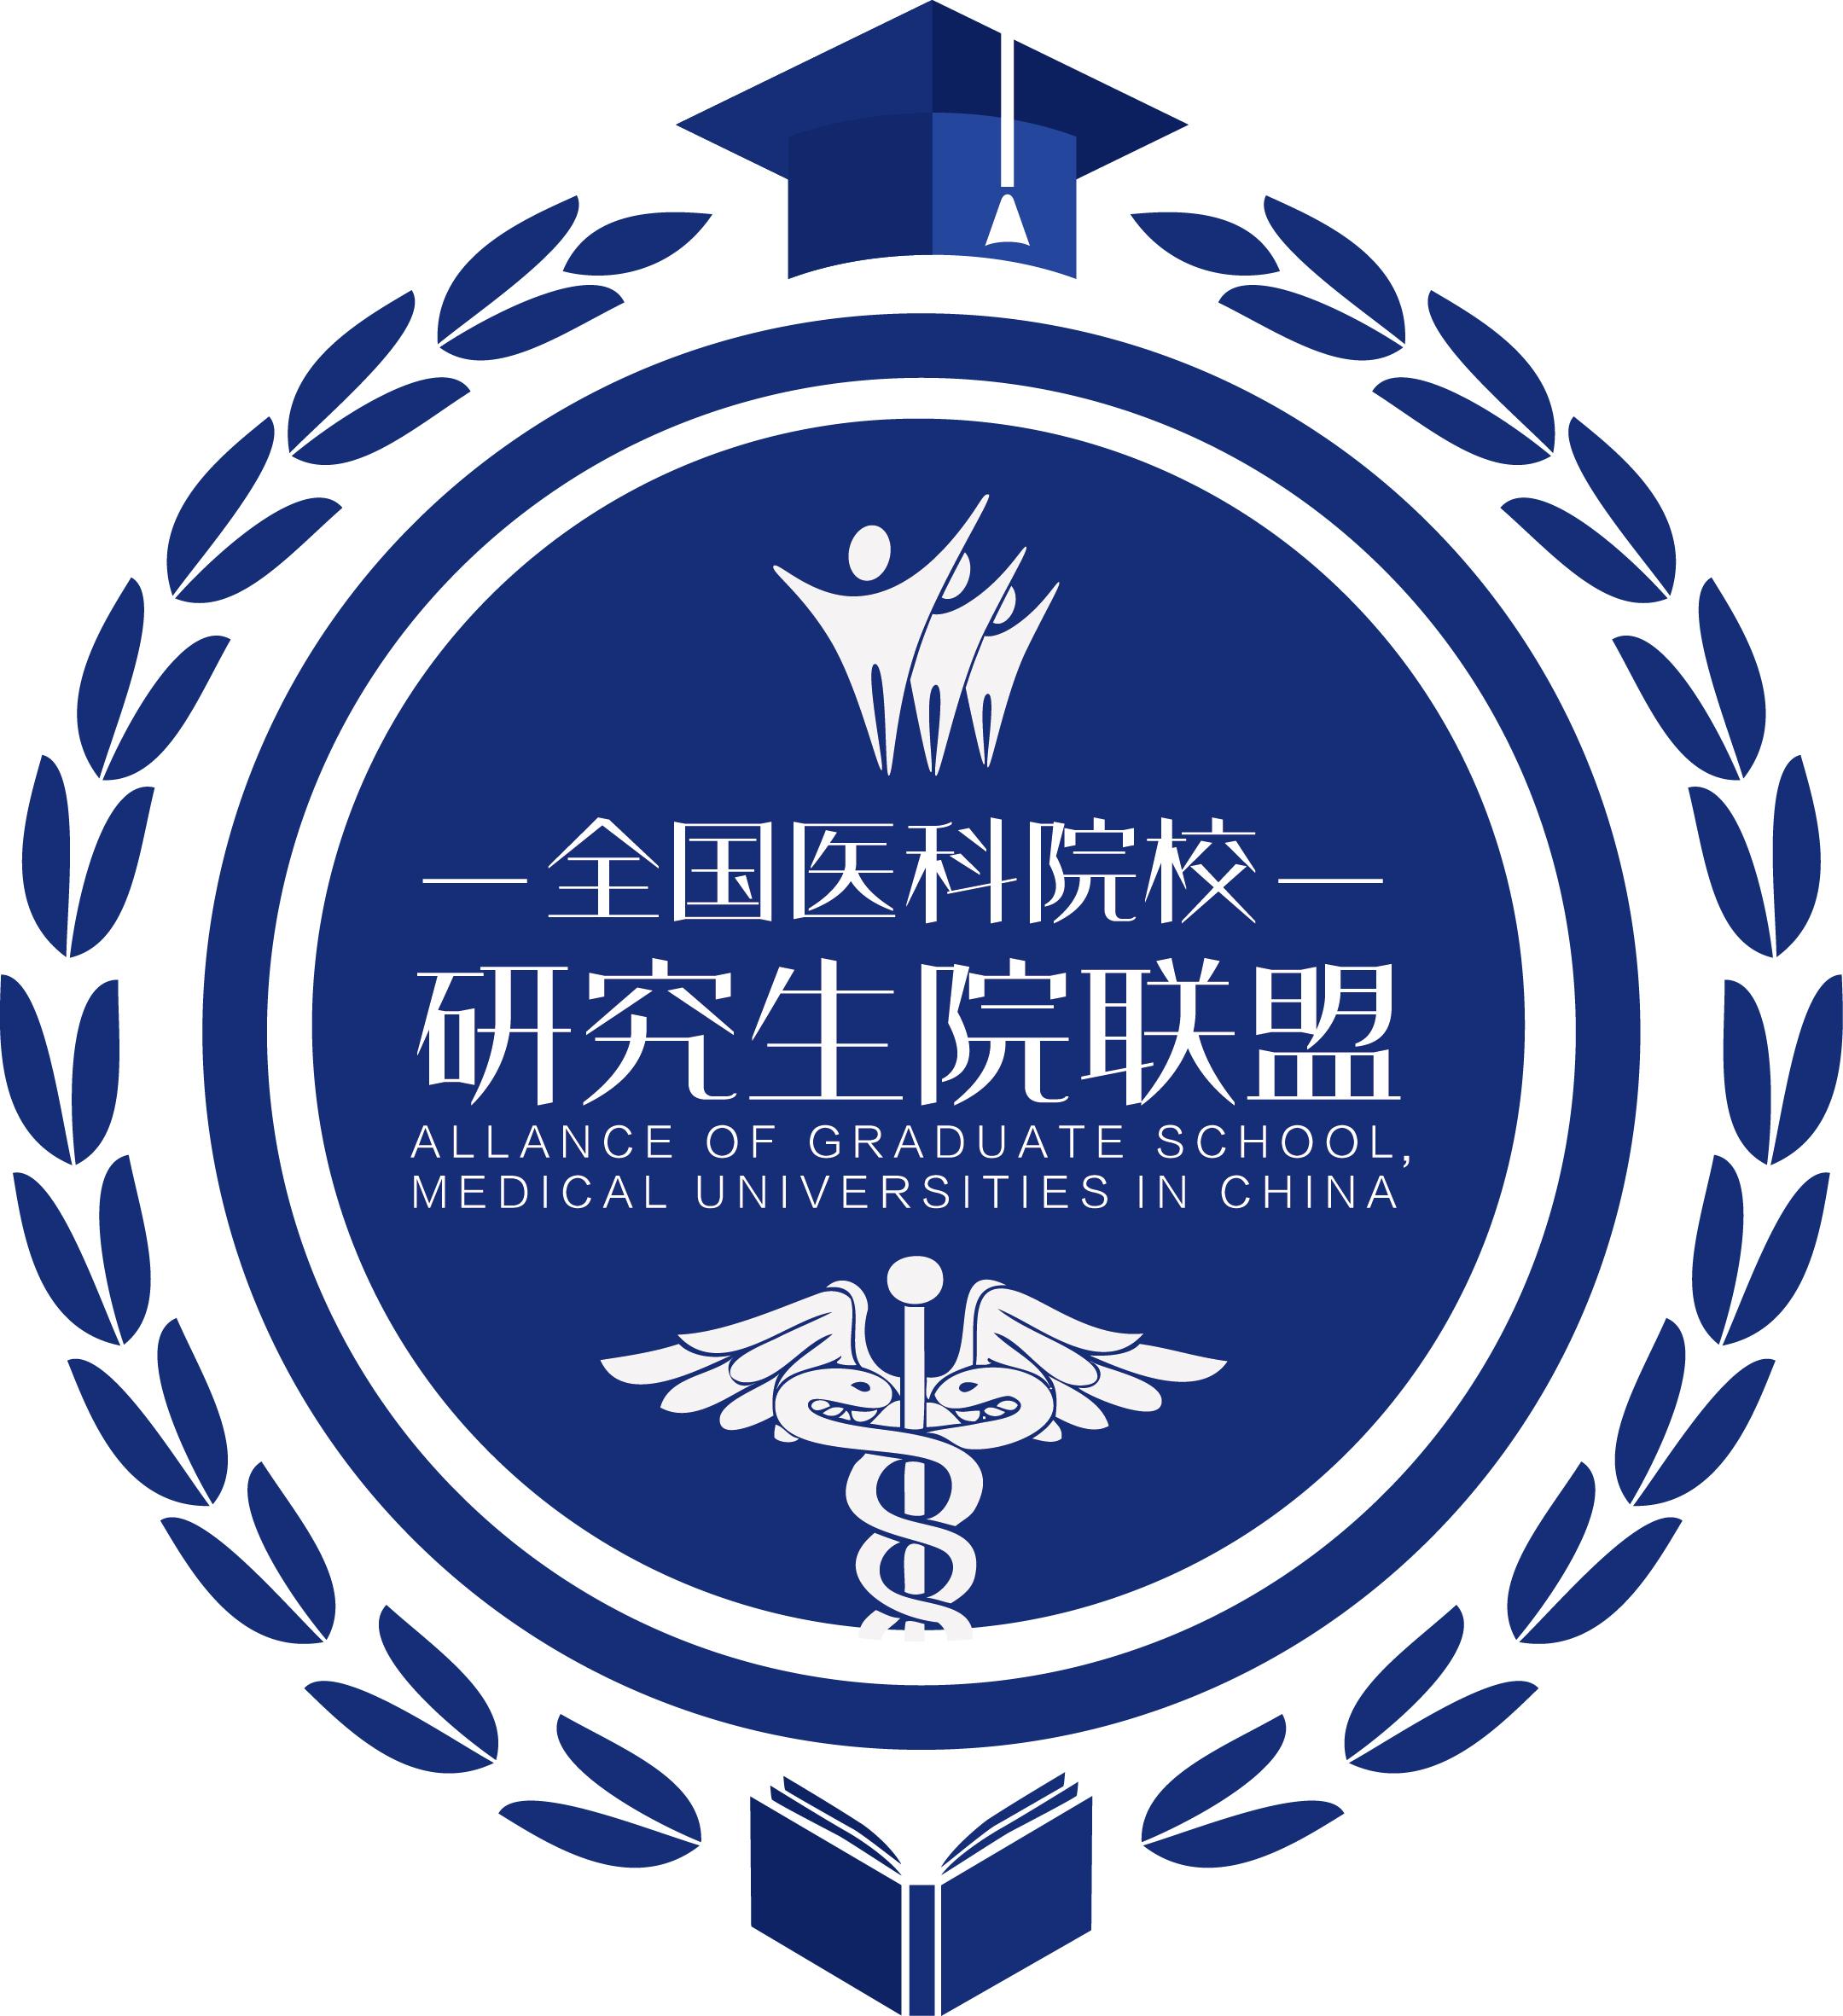 全国医科院校研究生院联盟